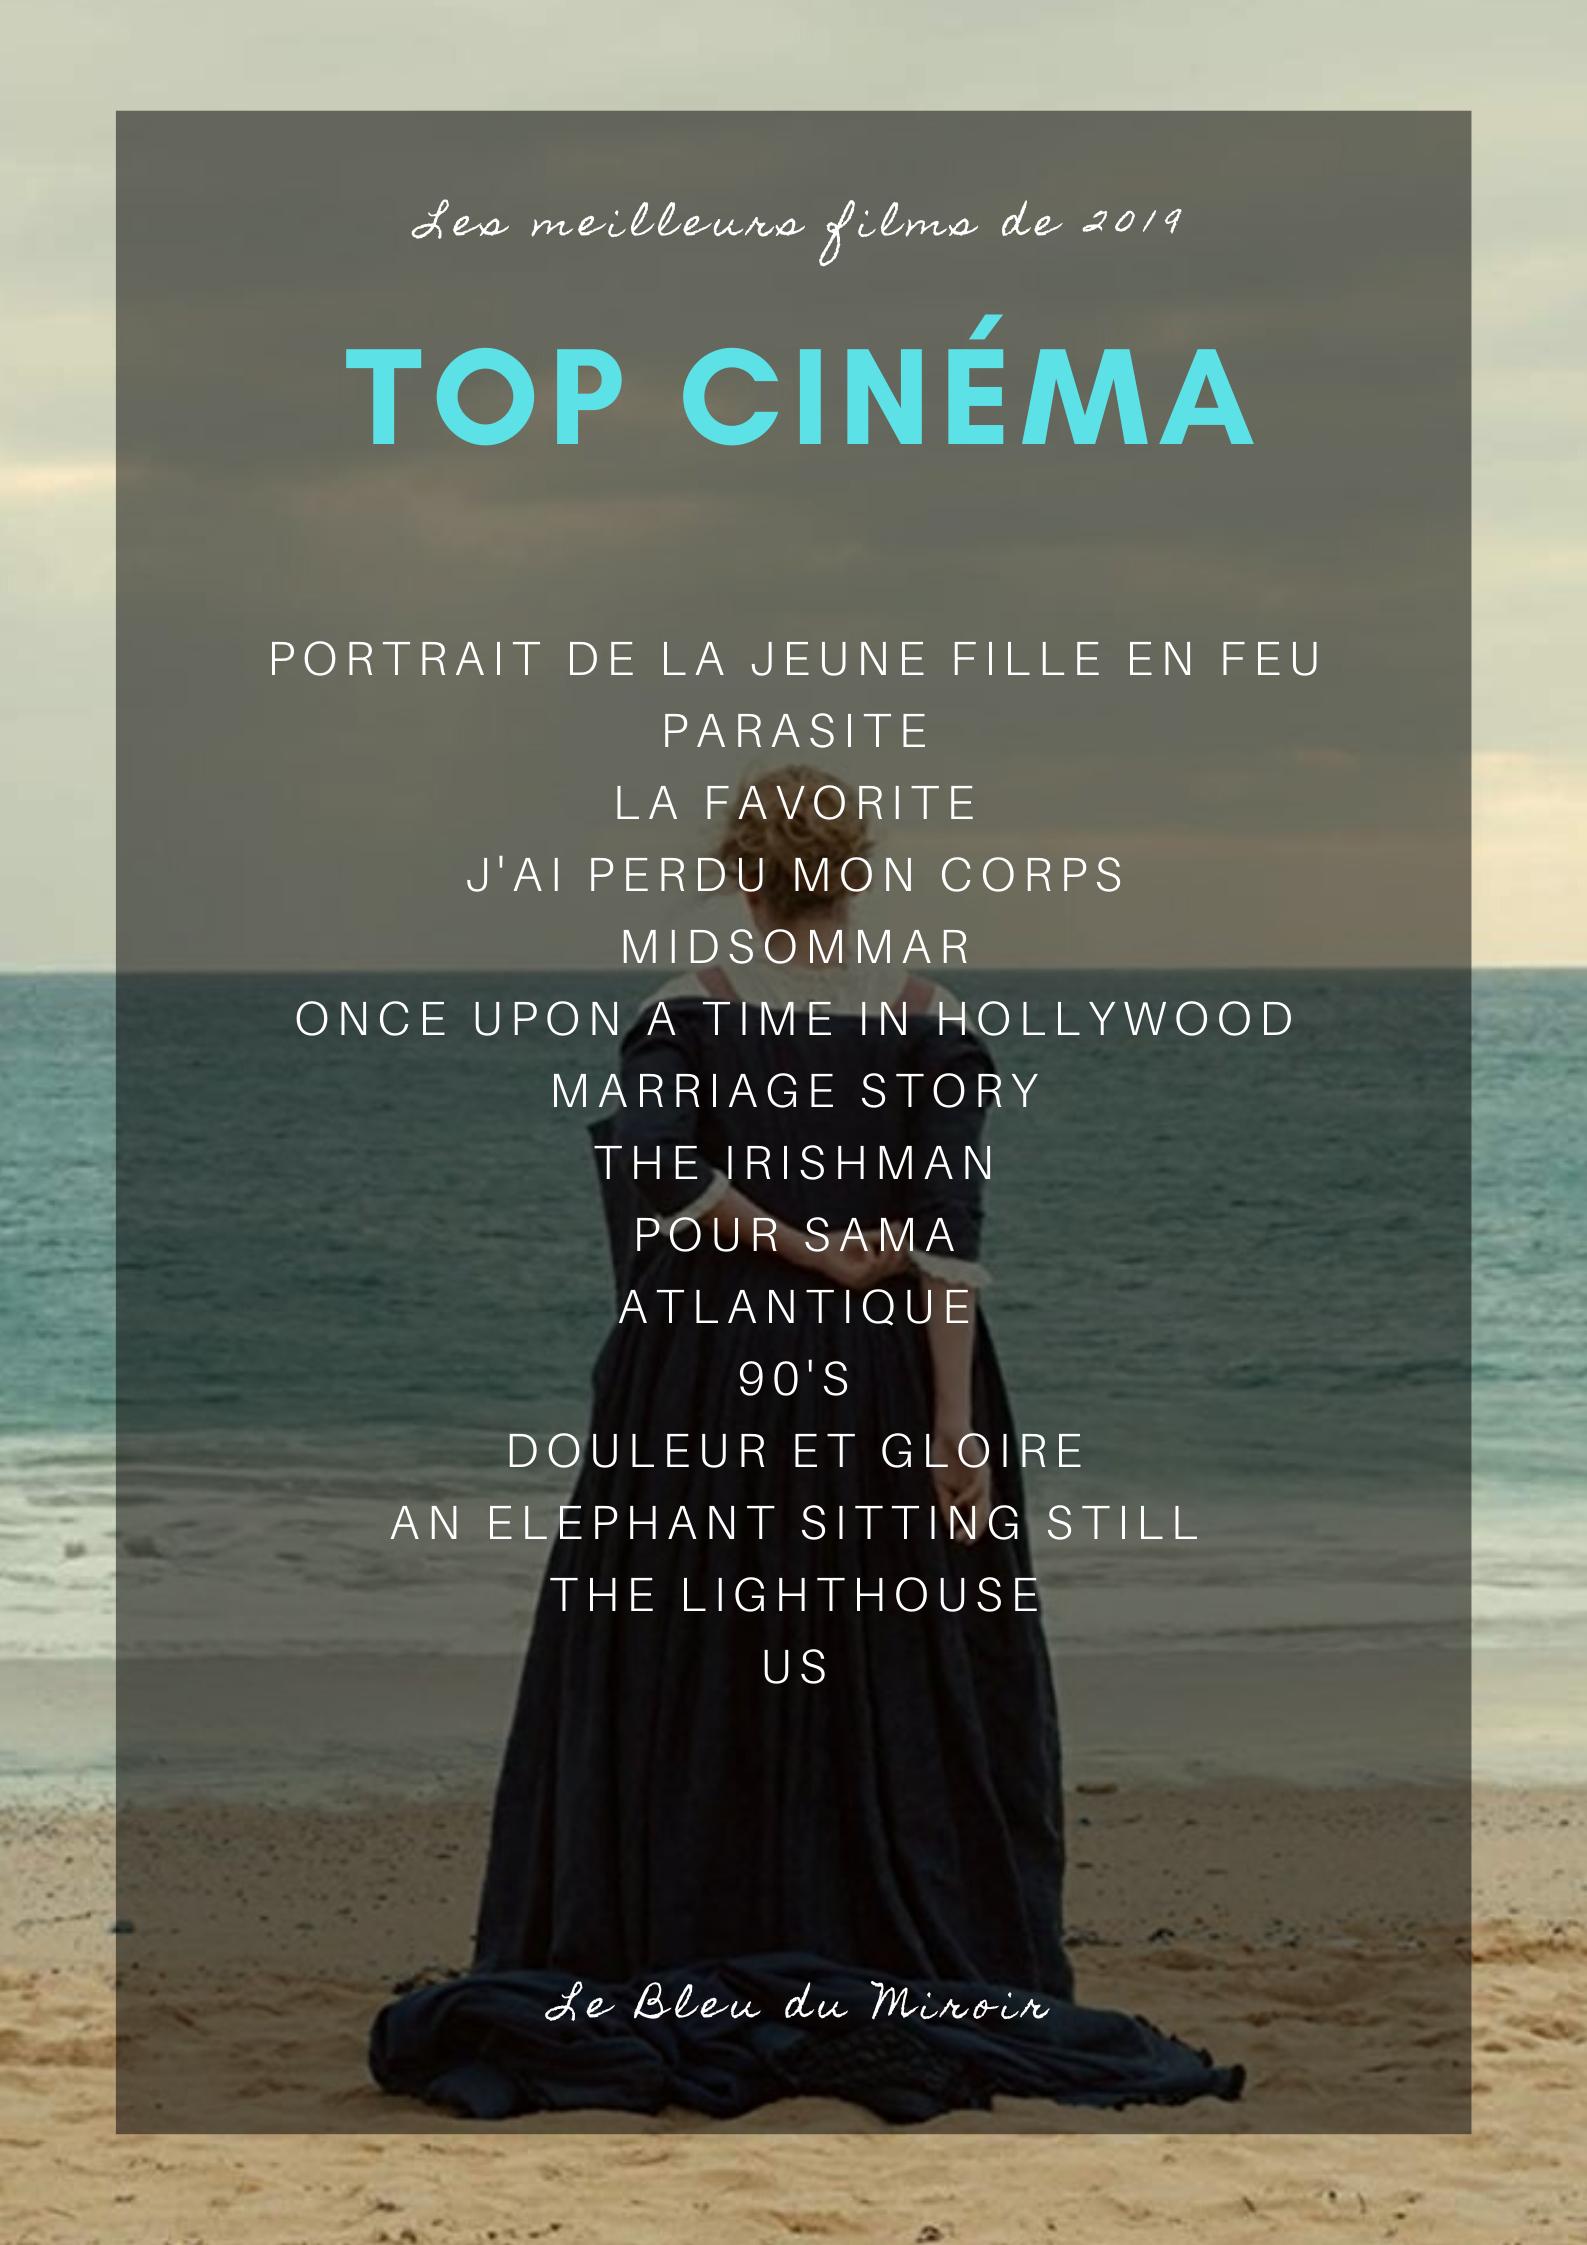 meilleurs films 2019 Le Bleu du Miroir